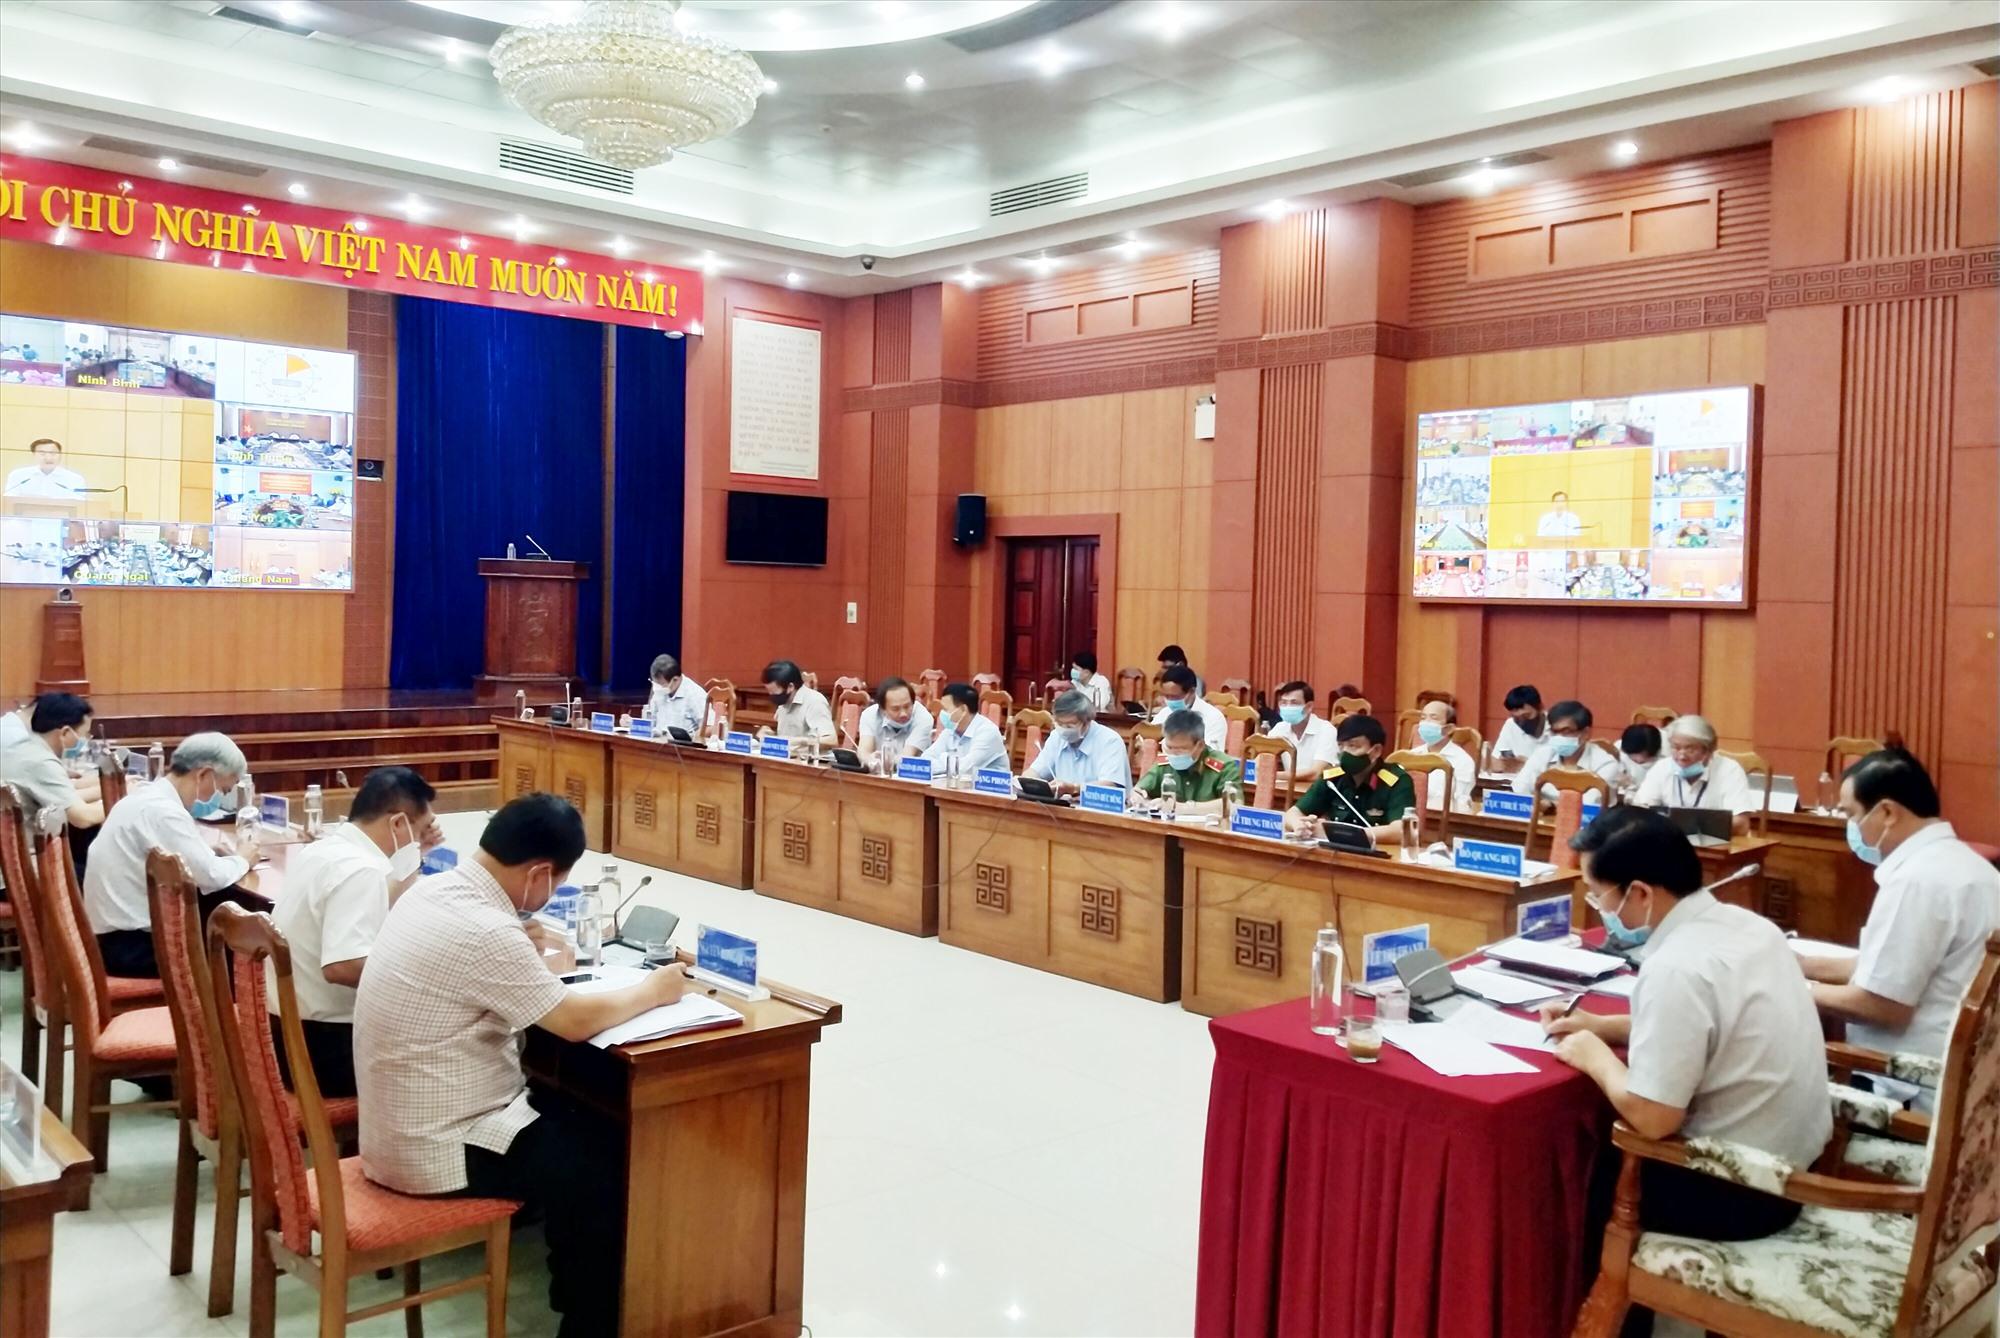 Quang cảnh hội nghị tại điểm cầu Quảng Nam sáng 11.8. Ảnh: N.Đ